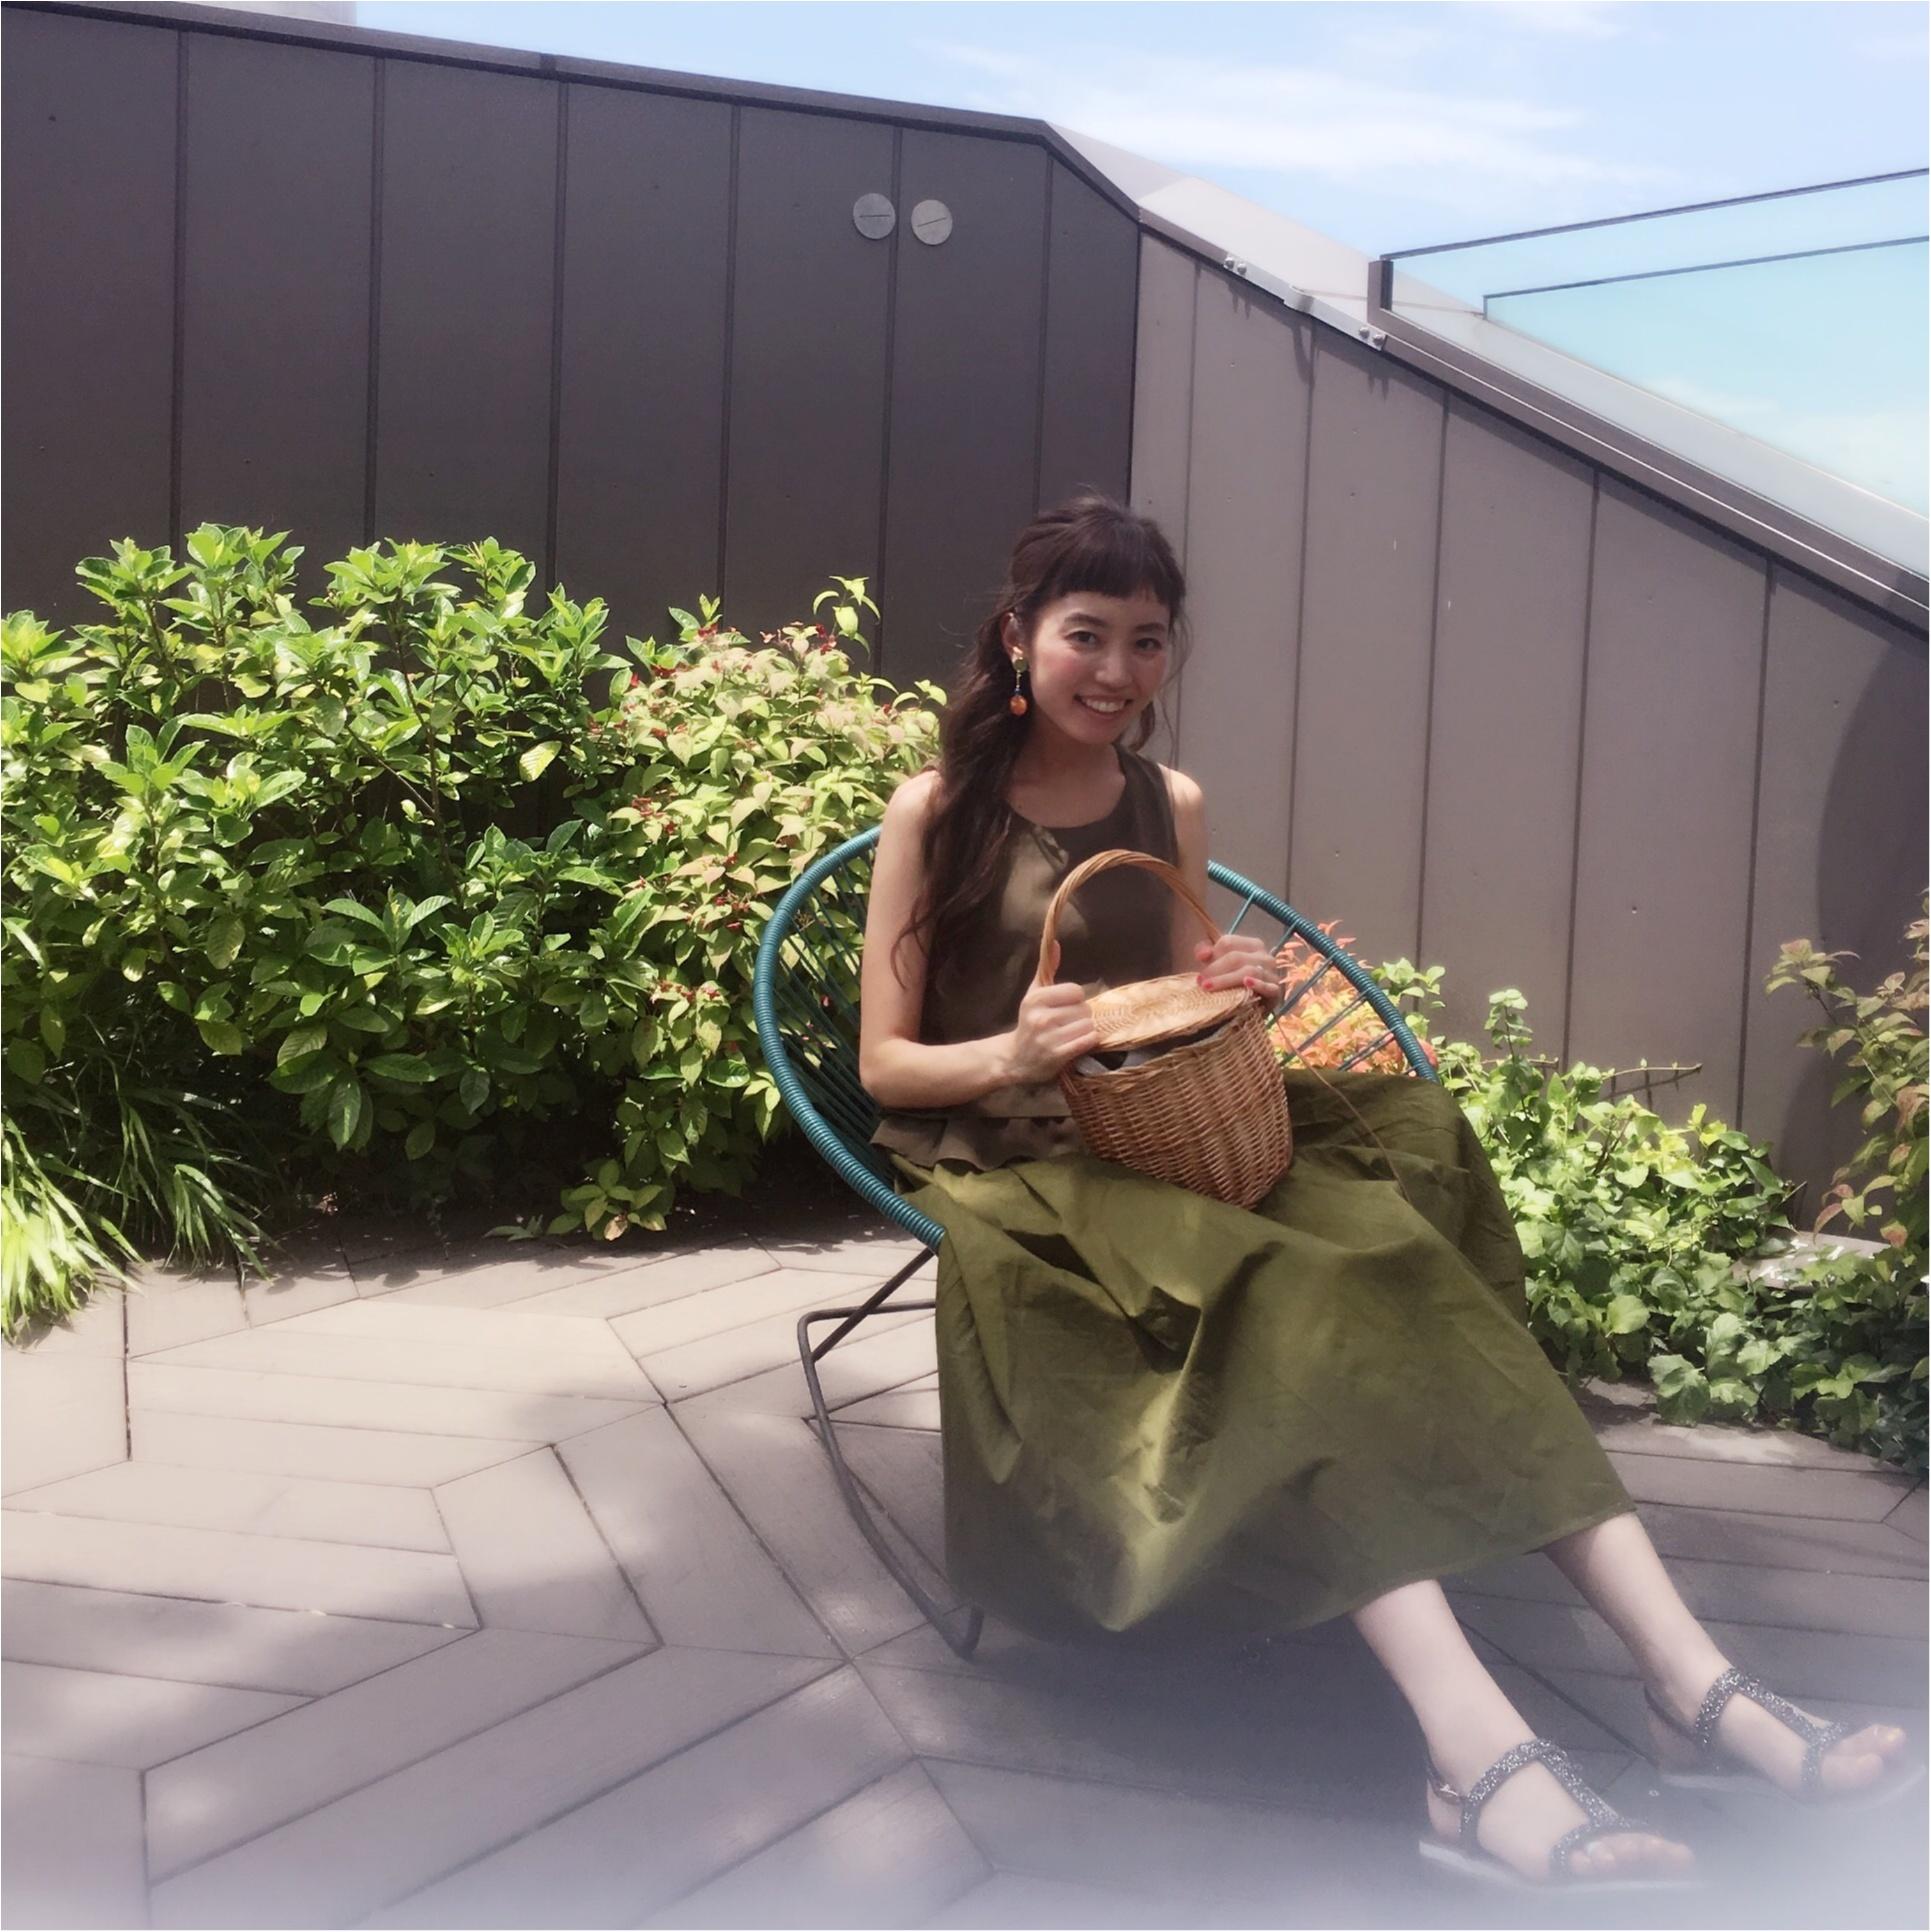 夏休み☆眺めのいい場所でオシャレランチはいかがですか?_6